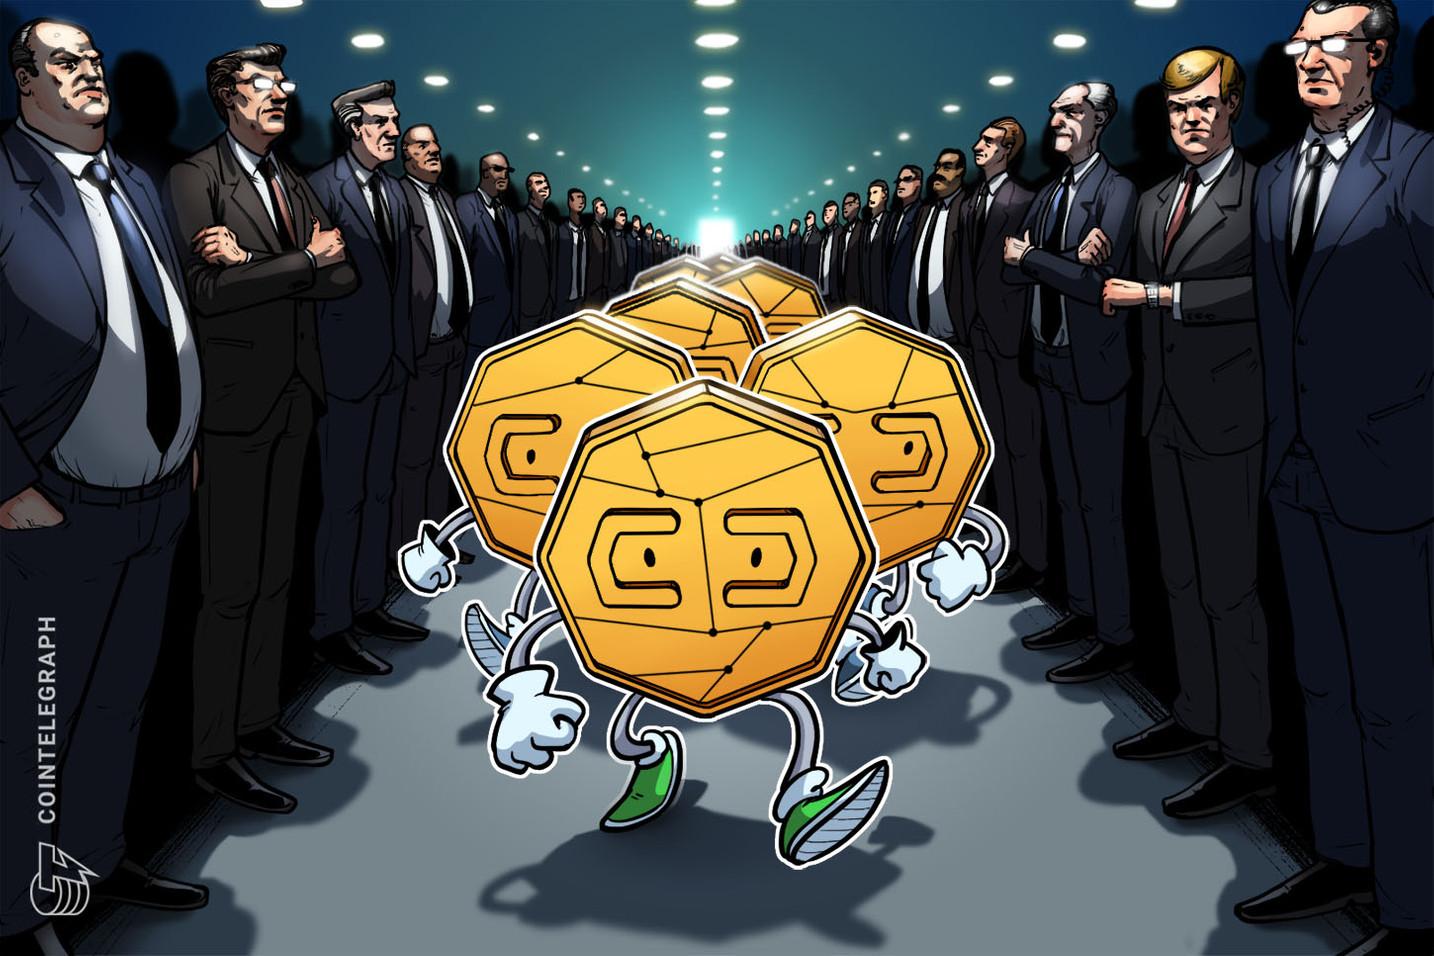 المسؤولون الإسبان يصدرون تحذيرًا بشأن بورصتي العملات المشفرة هوبي وبايبيت